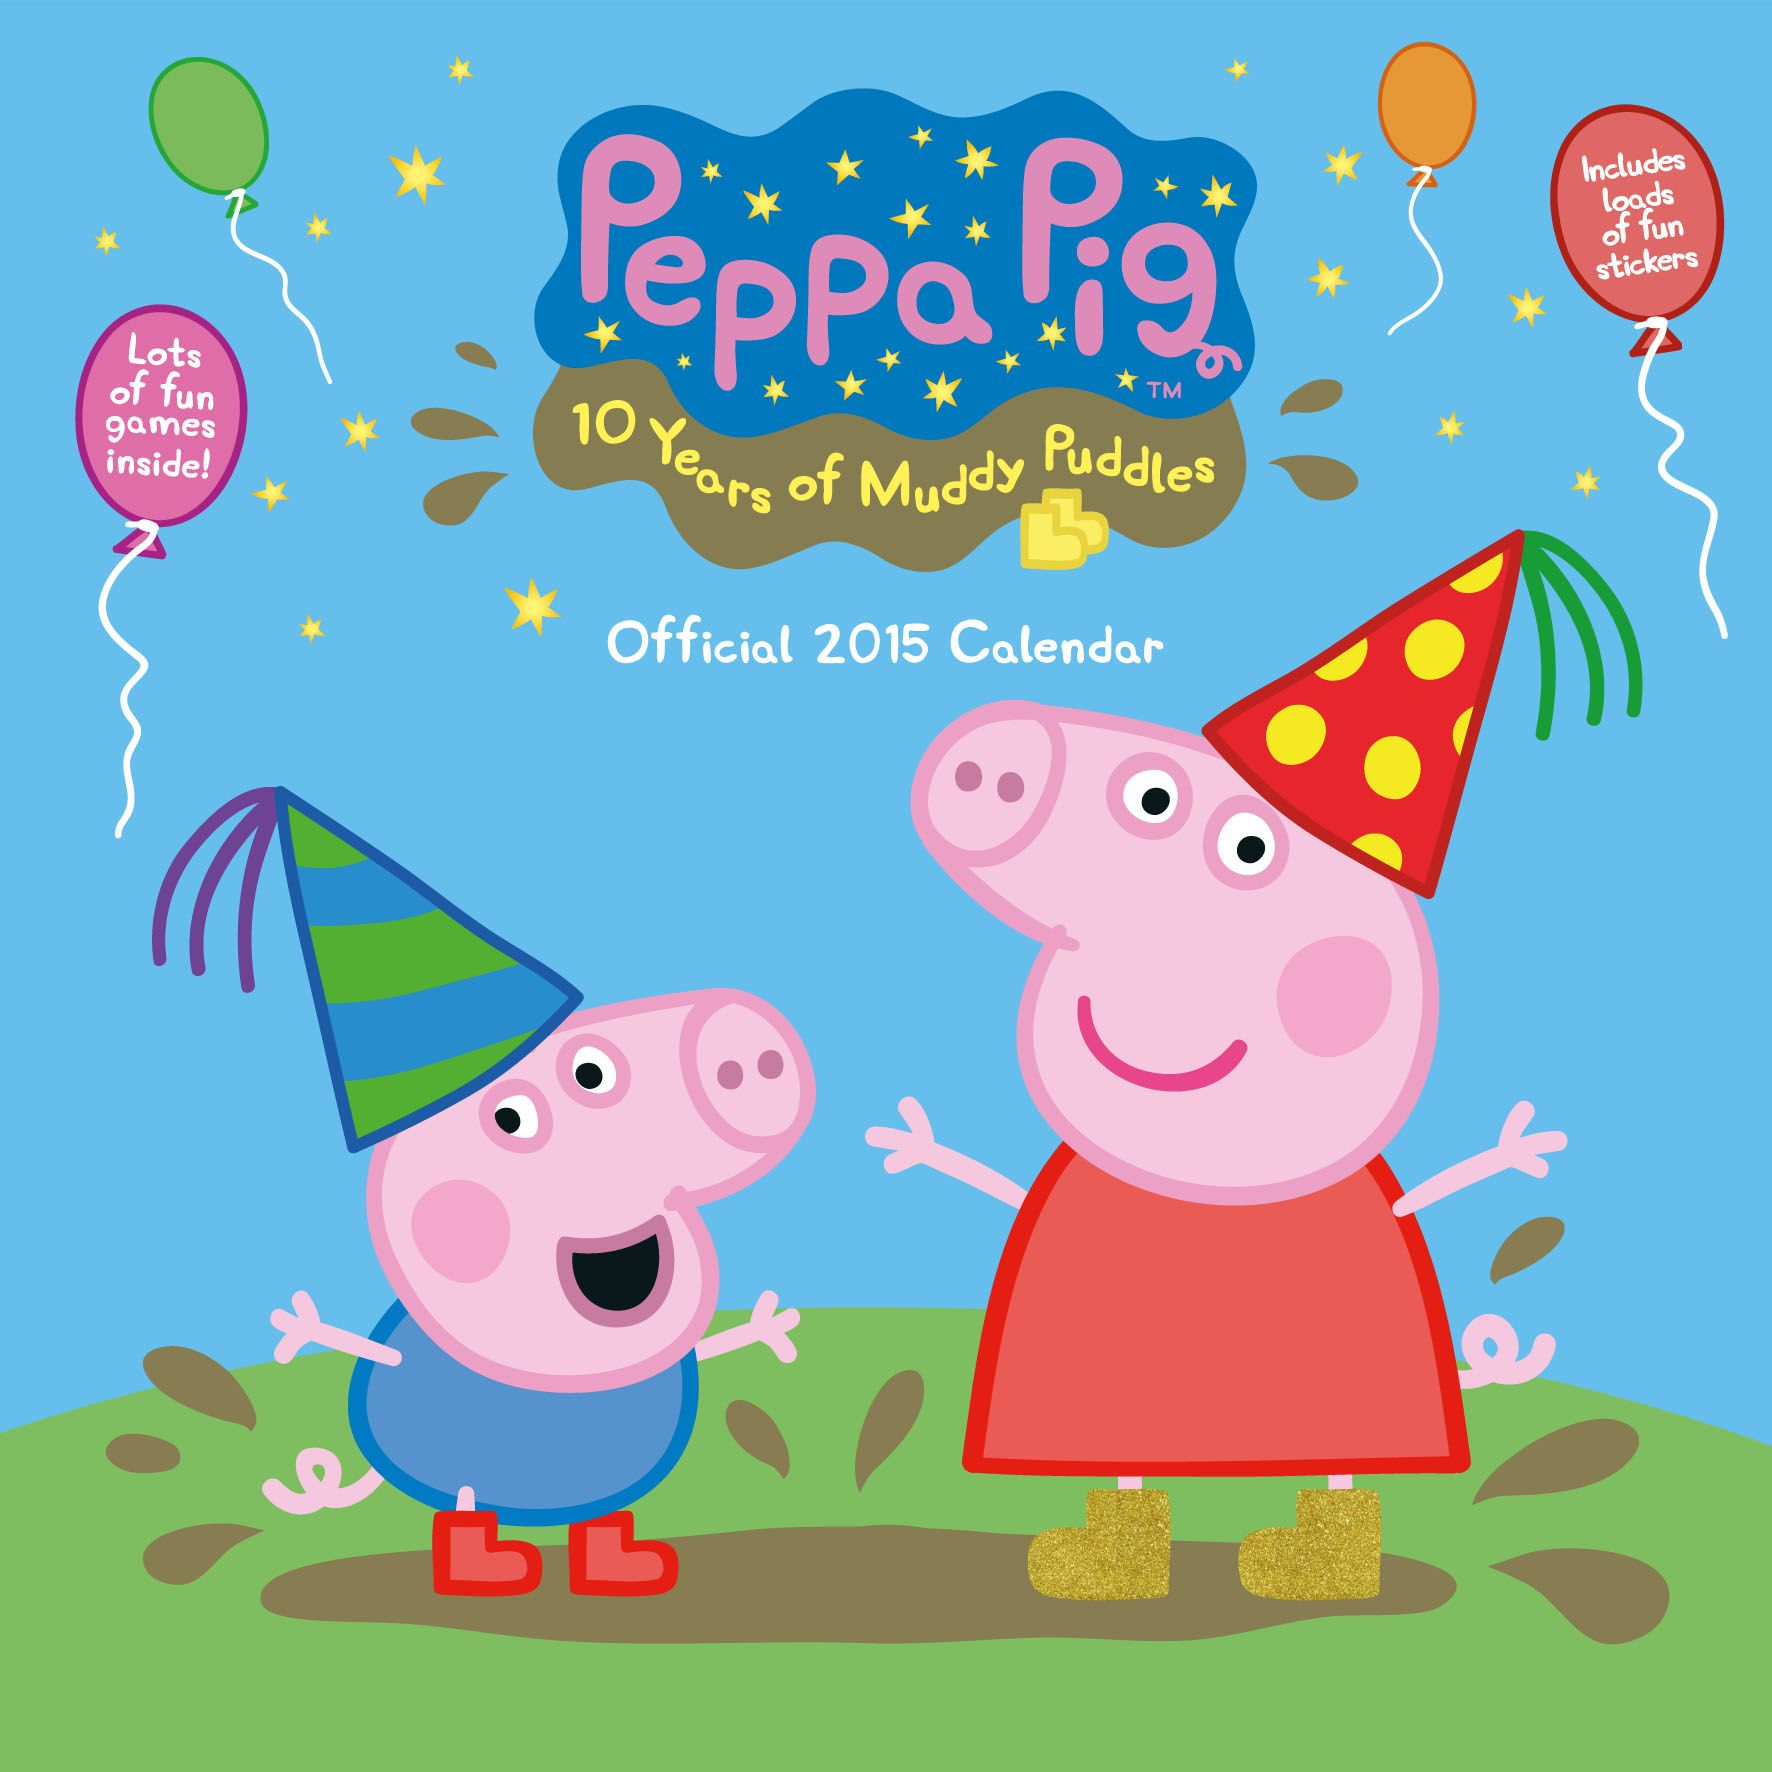 Peppa Pig Full HD Wallpaper Wallpaper Aniversario peppa